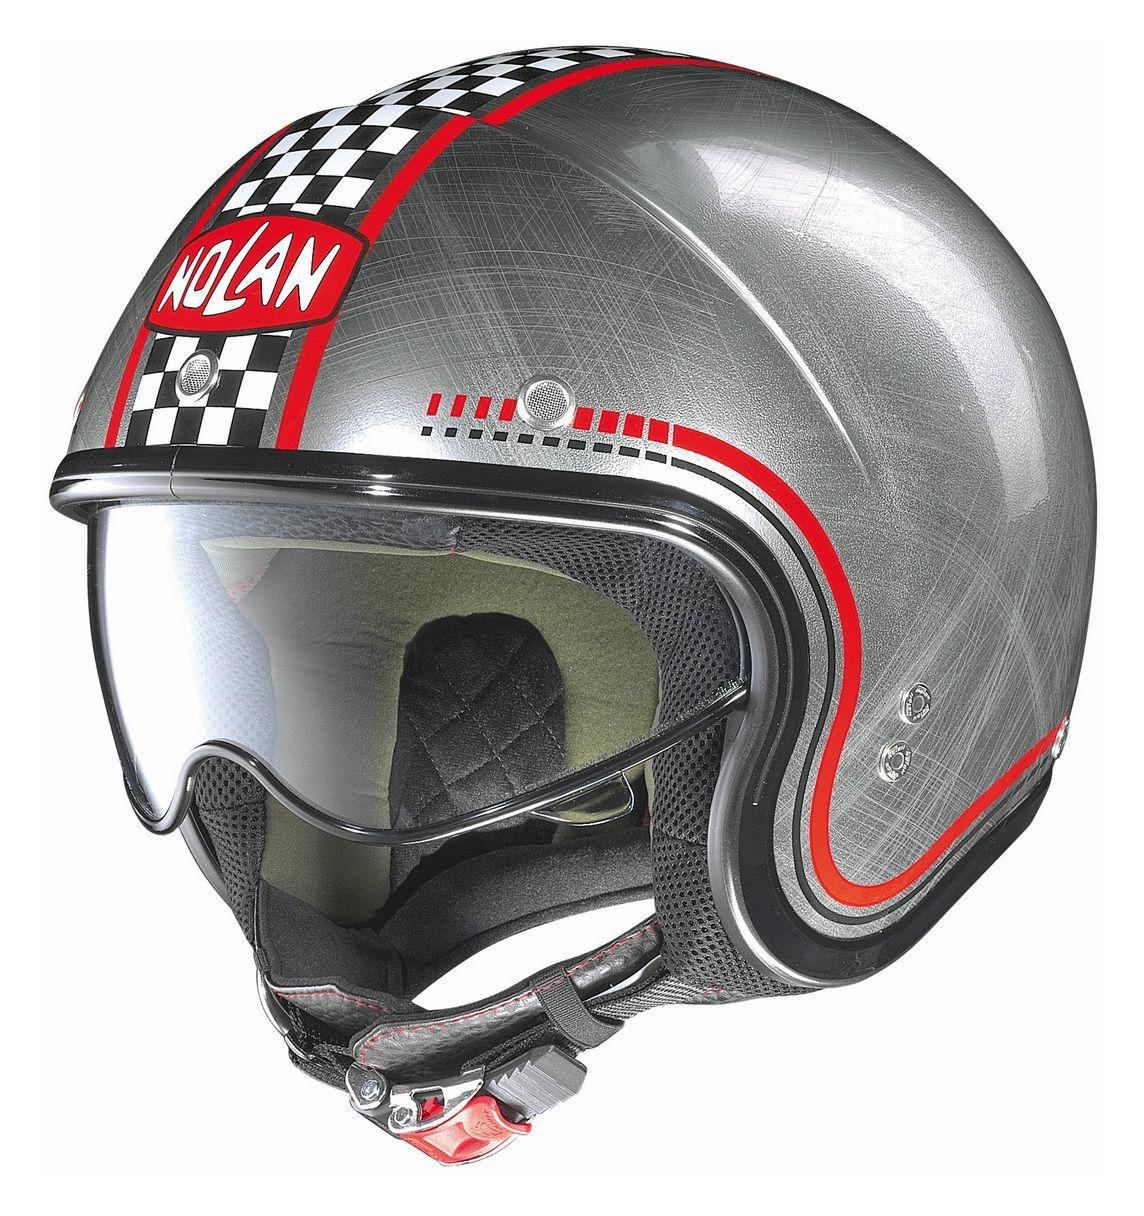 Nolan N21 Vintage Lario Scratched Helmet Sm 52 139